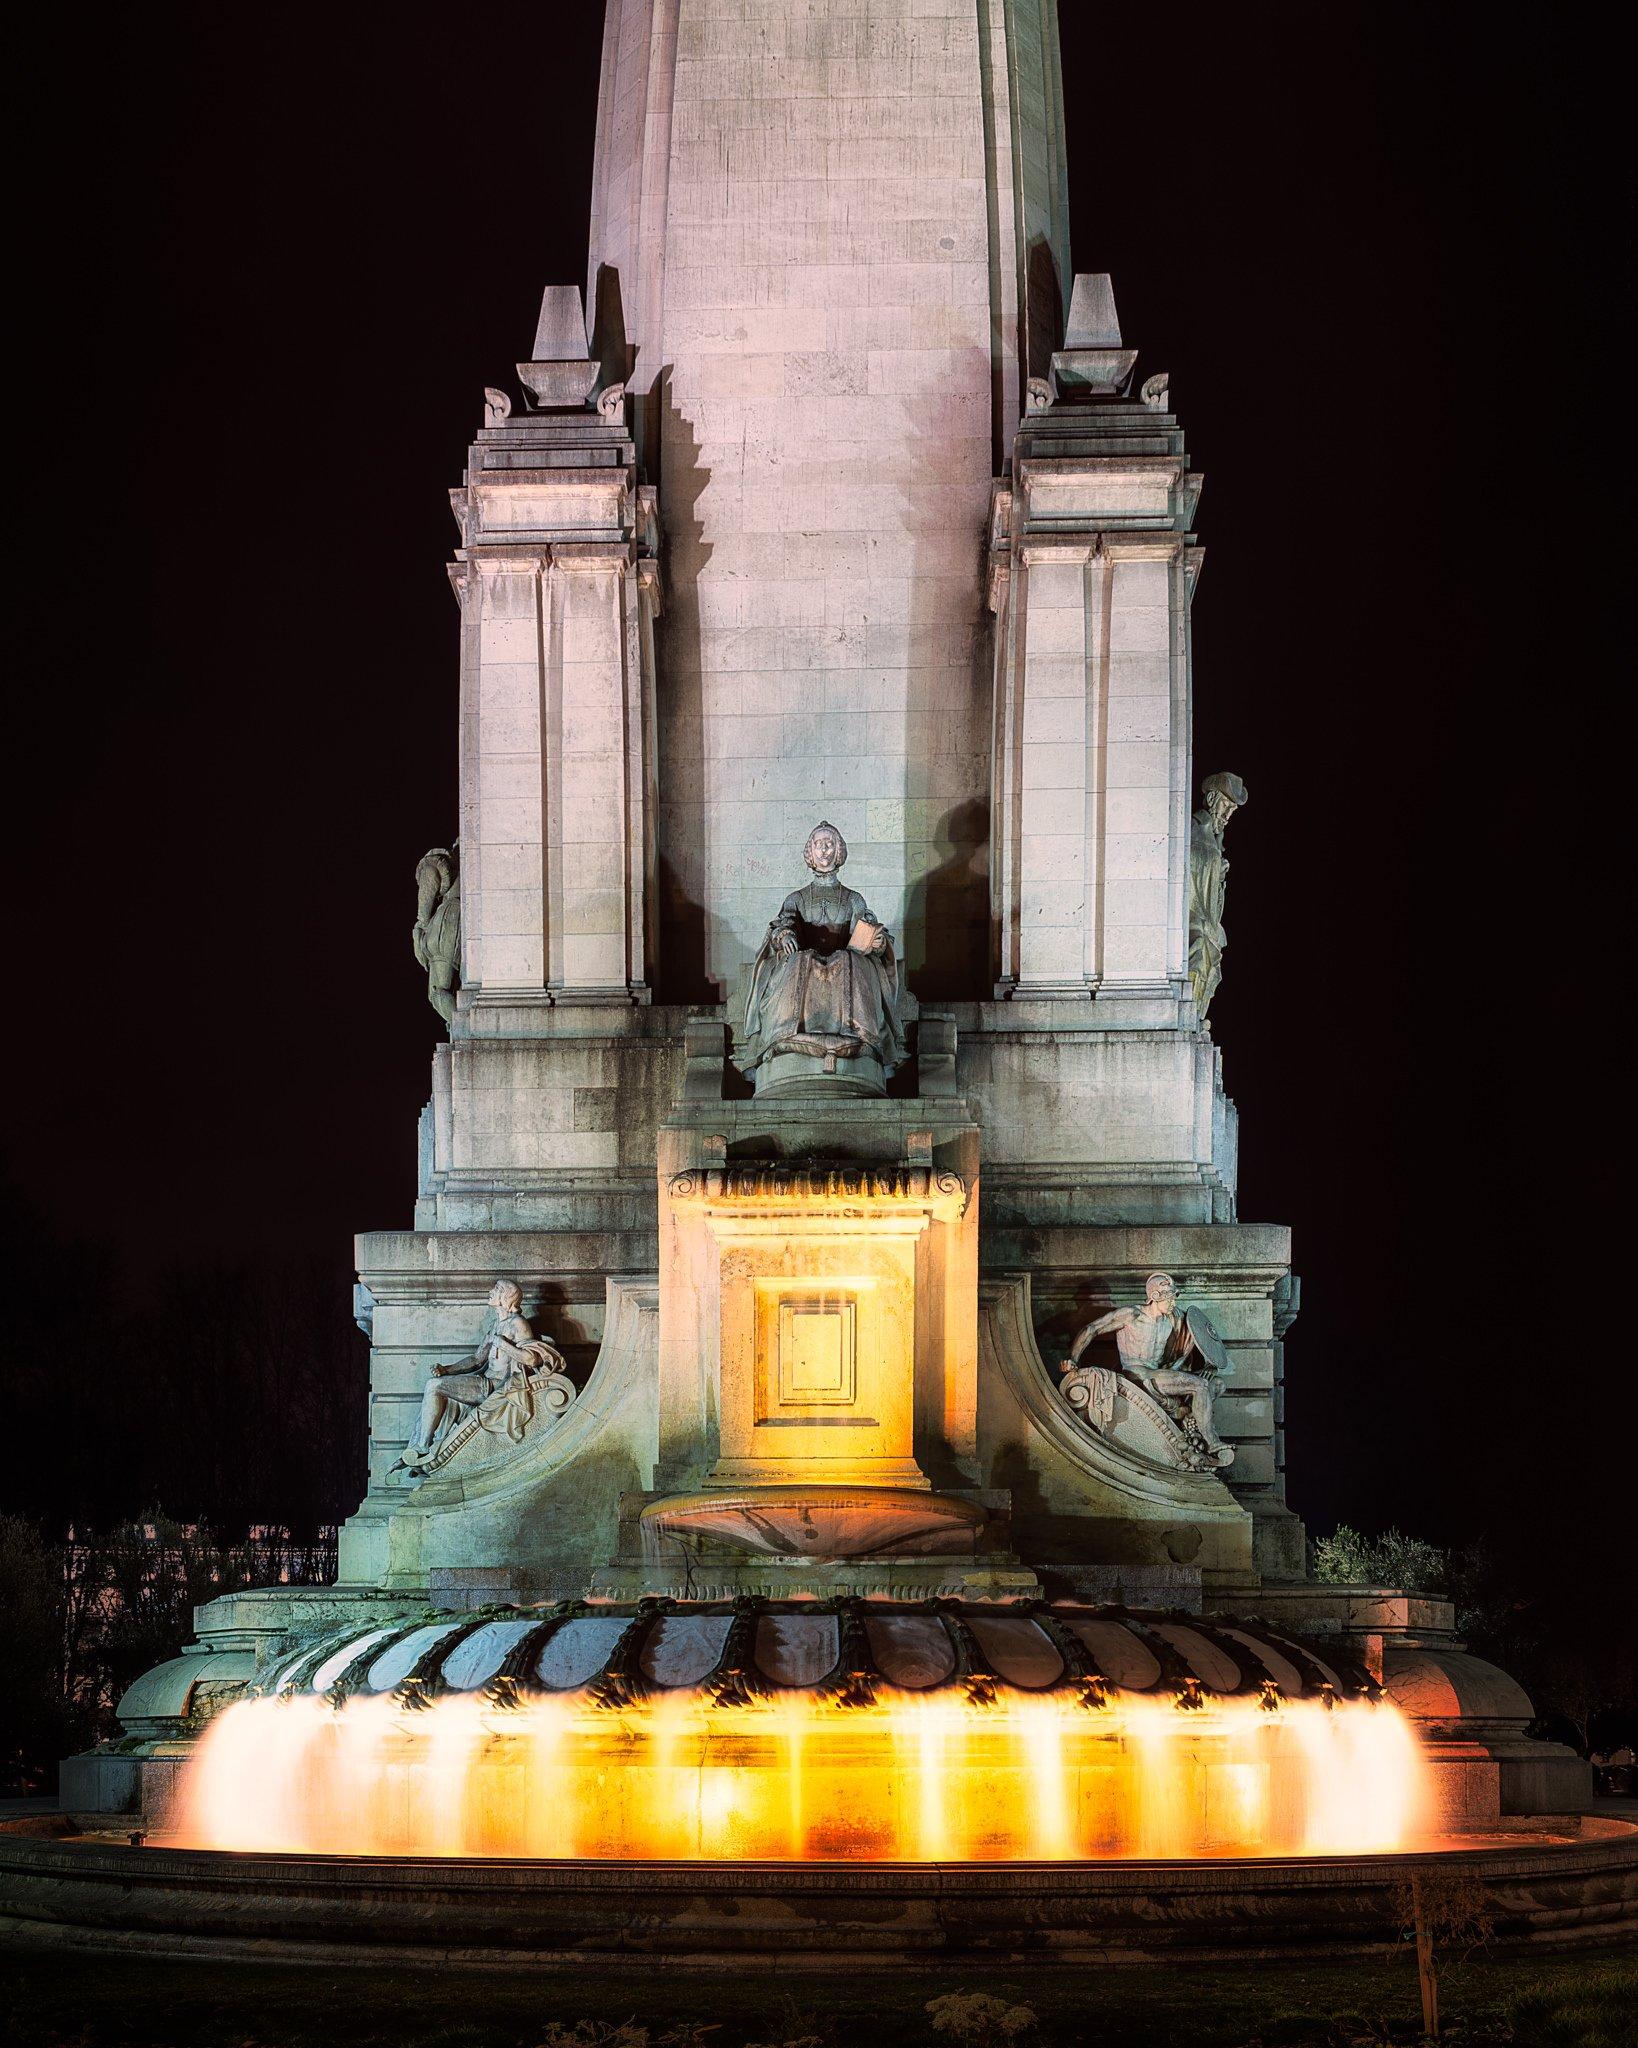 Pomnik Literatury Hiszpańskiej na Plaza de España | Madryt, Hiszpania